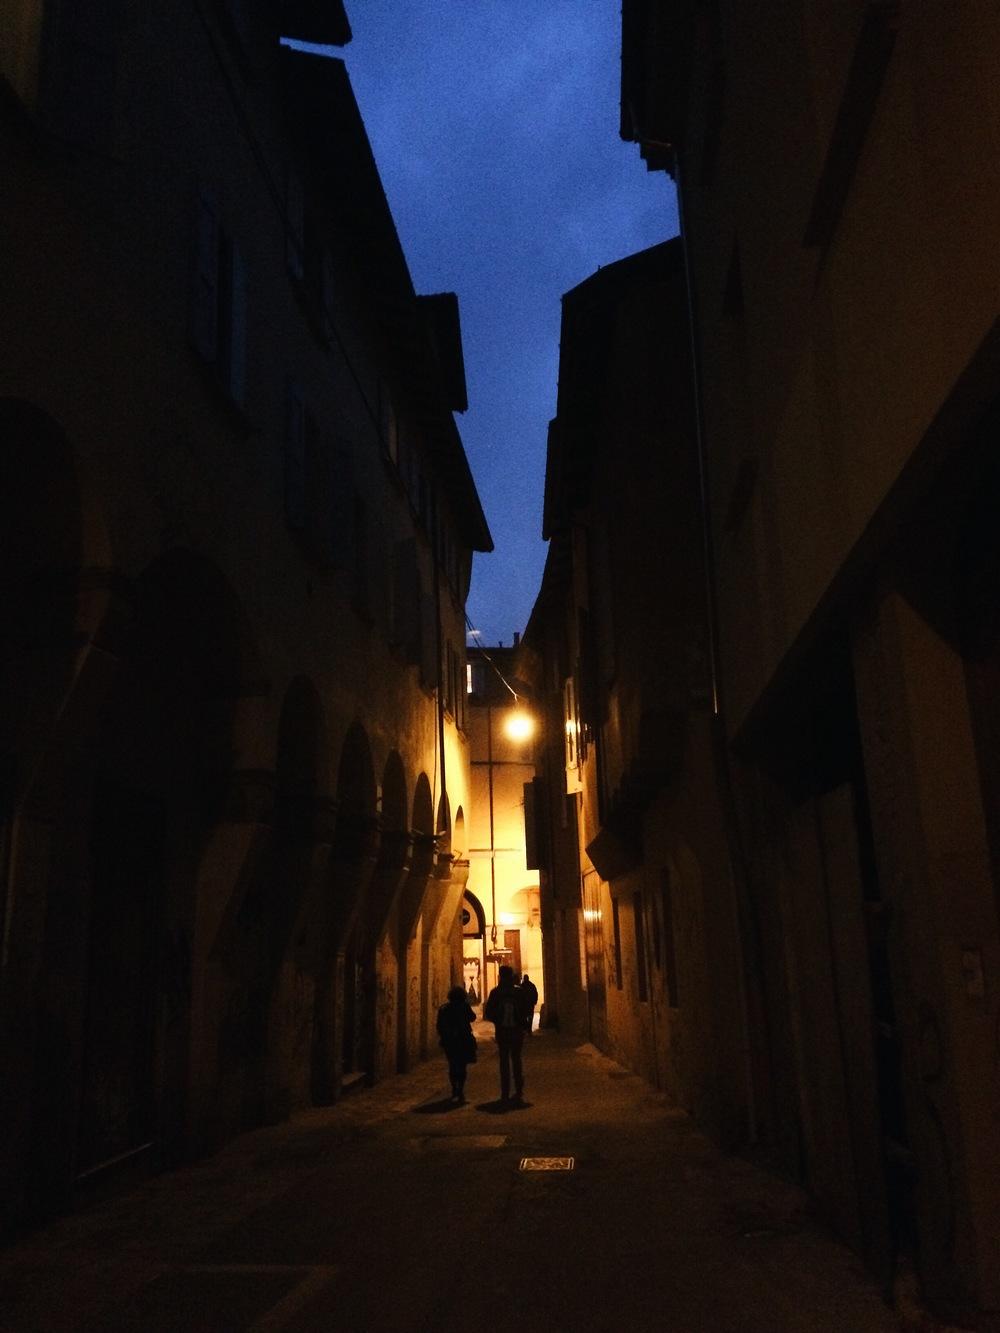 Bologna, Italy (2015)